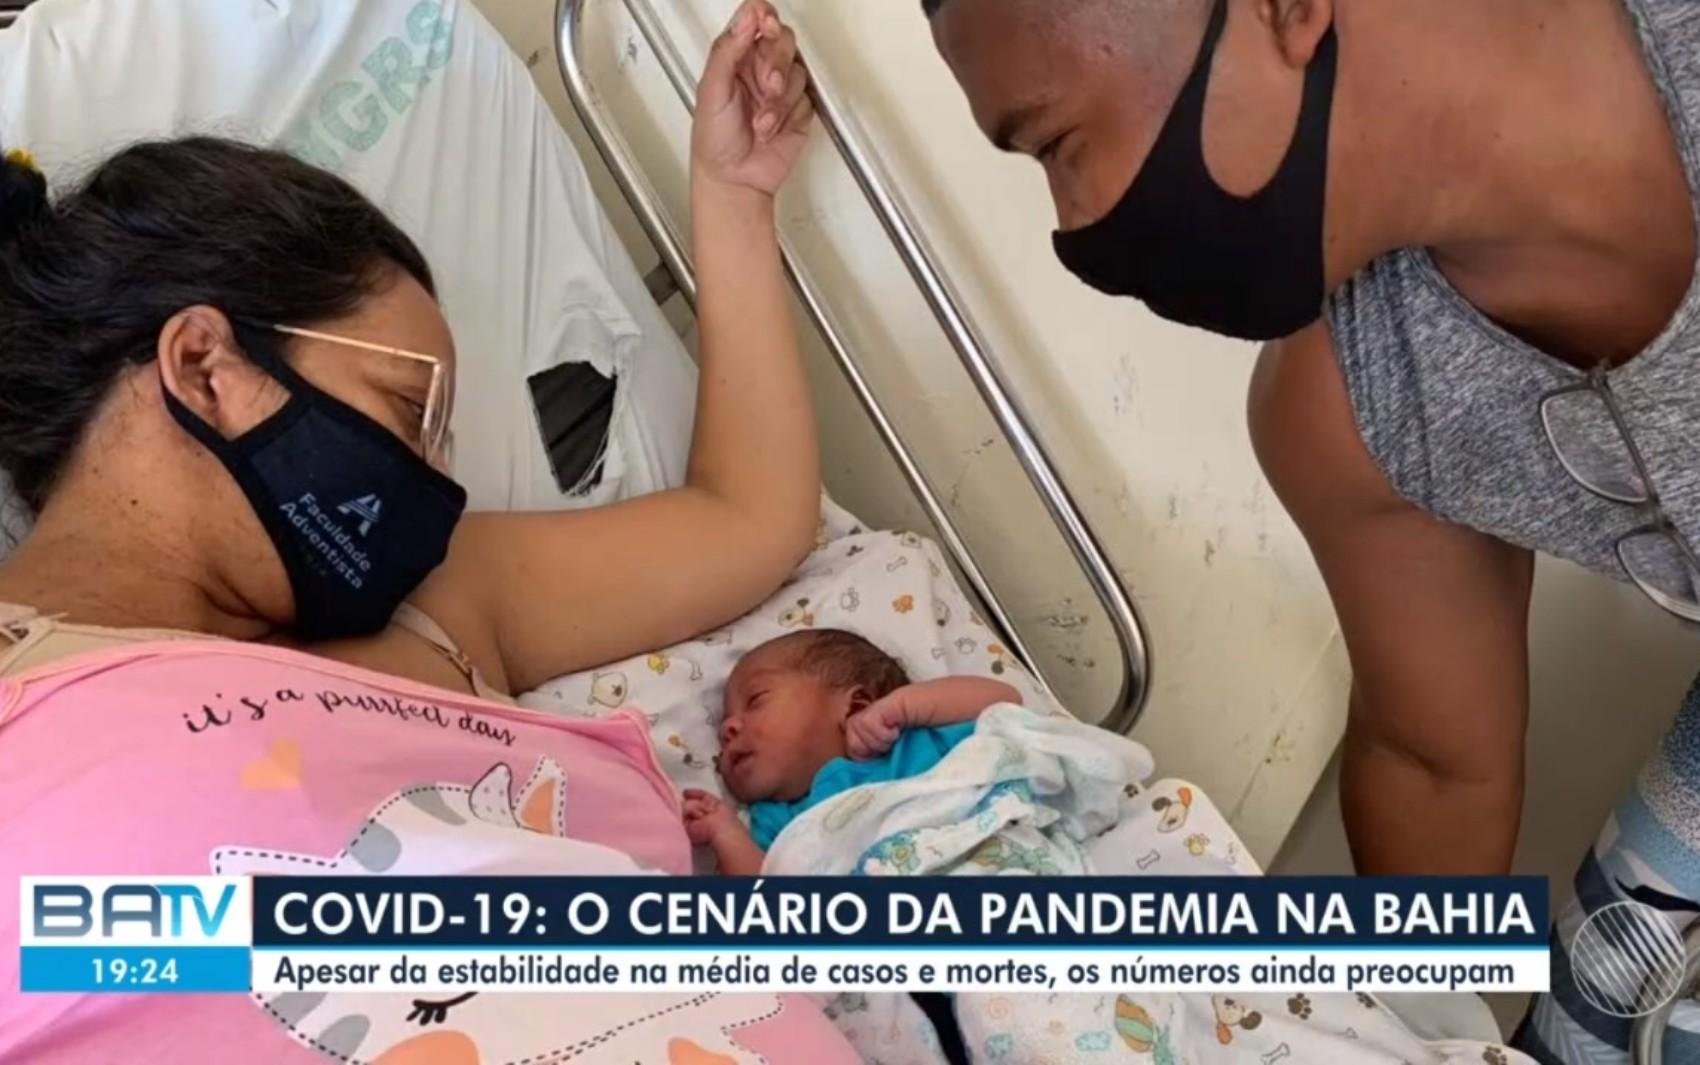 Recém-nascido com menos de um mês morre em decorrência da Covid-19 na Bahia